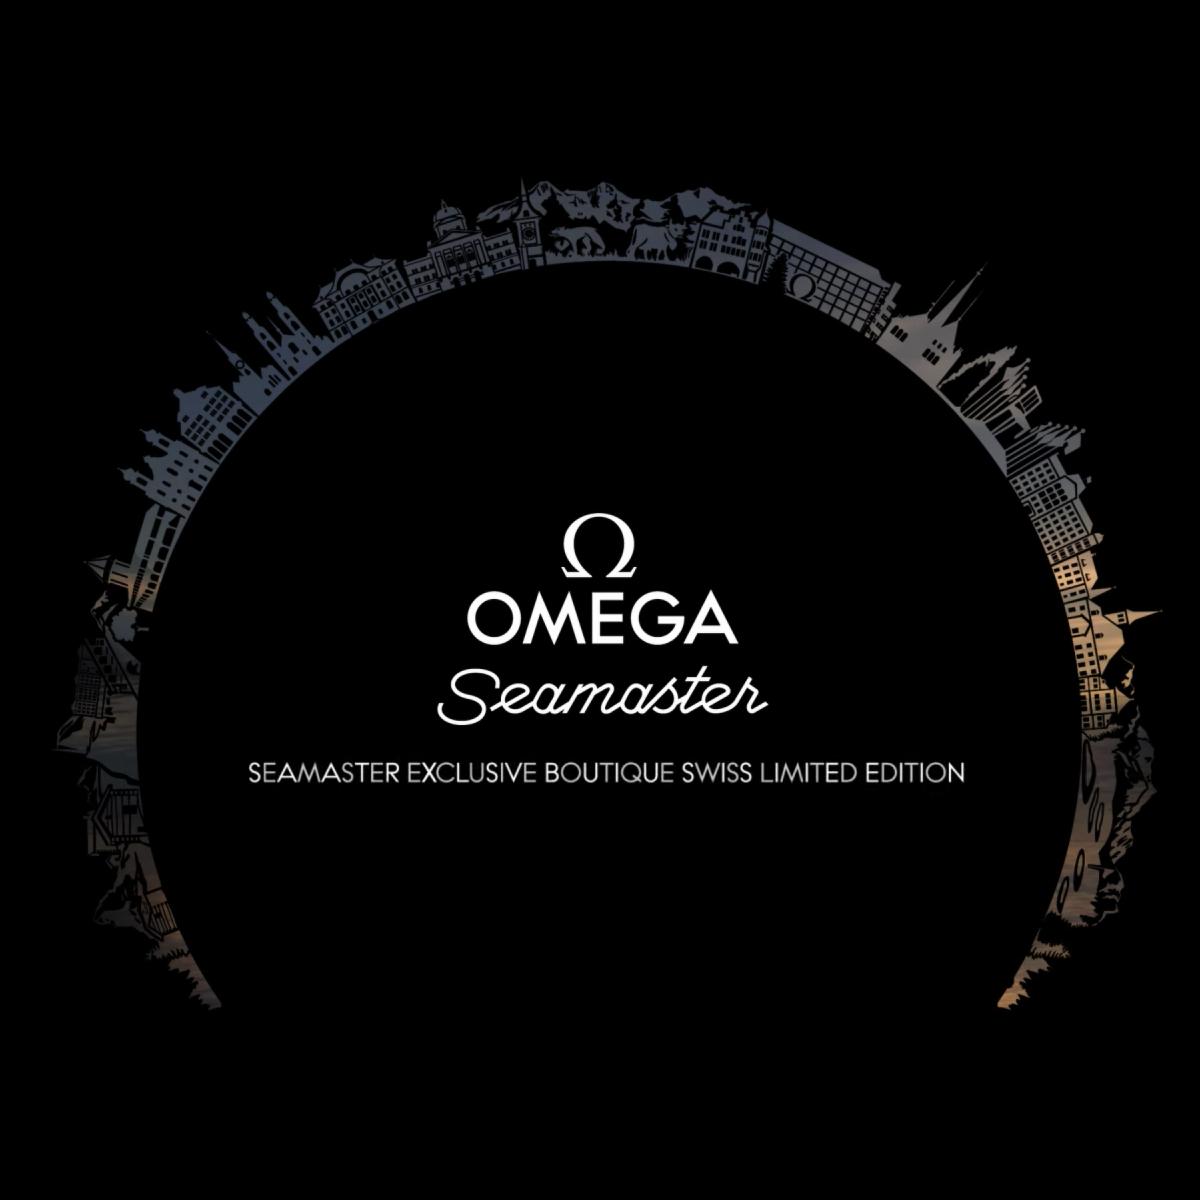 OmegaSeamaster